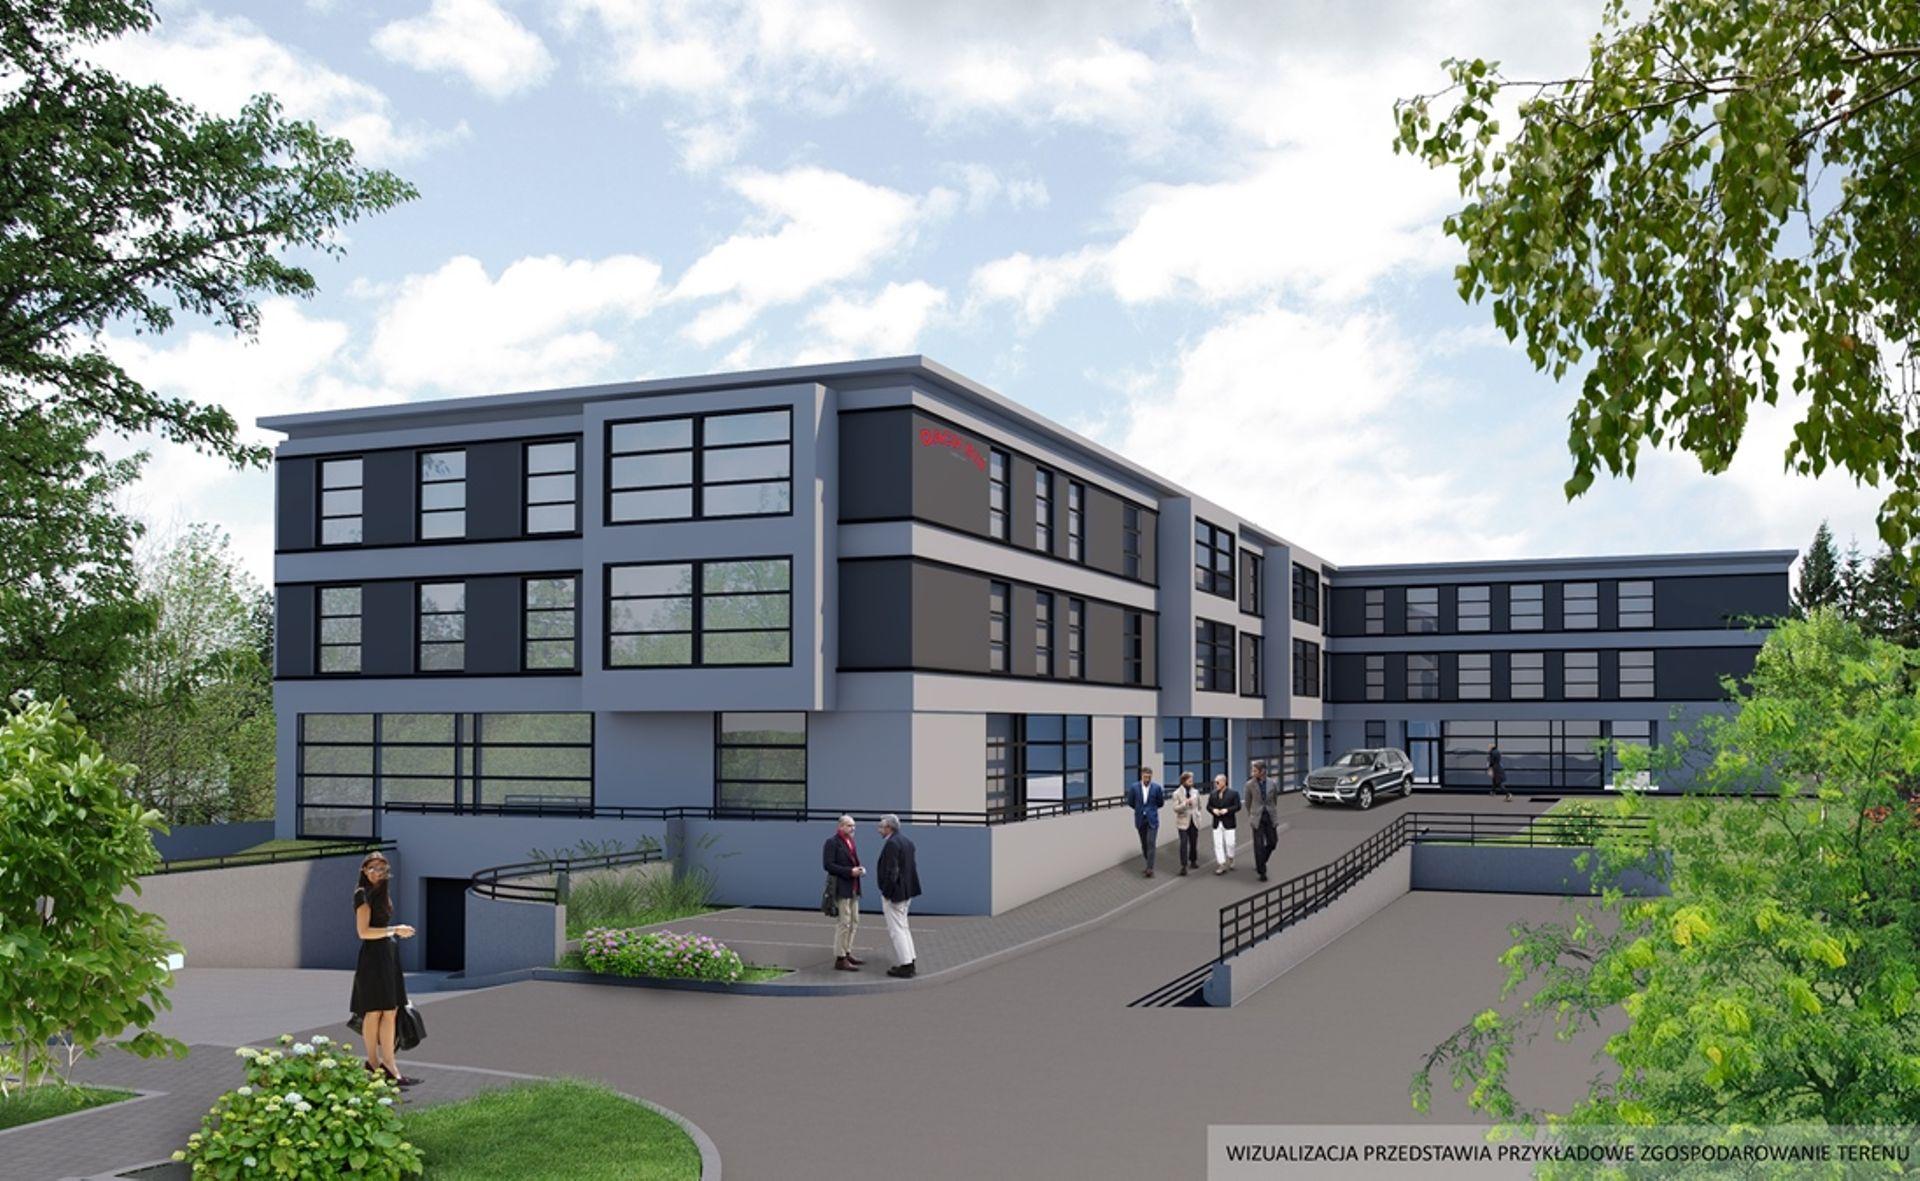 Wrocław: Budowa budynku handlowo-biurowego na Gądowie Małym może ruszać [WIZUALIZACJA]